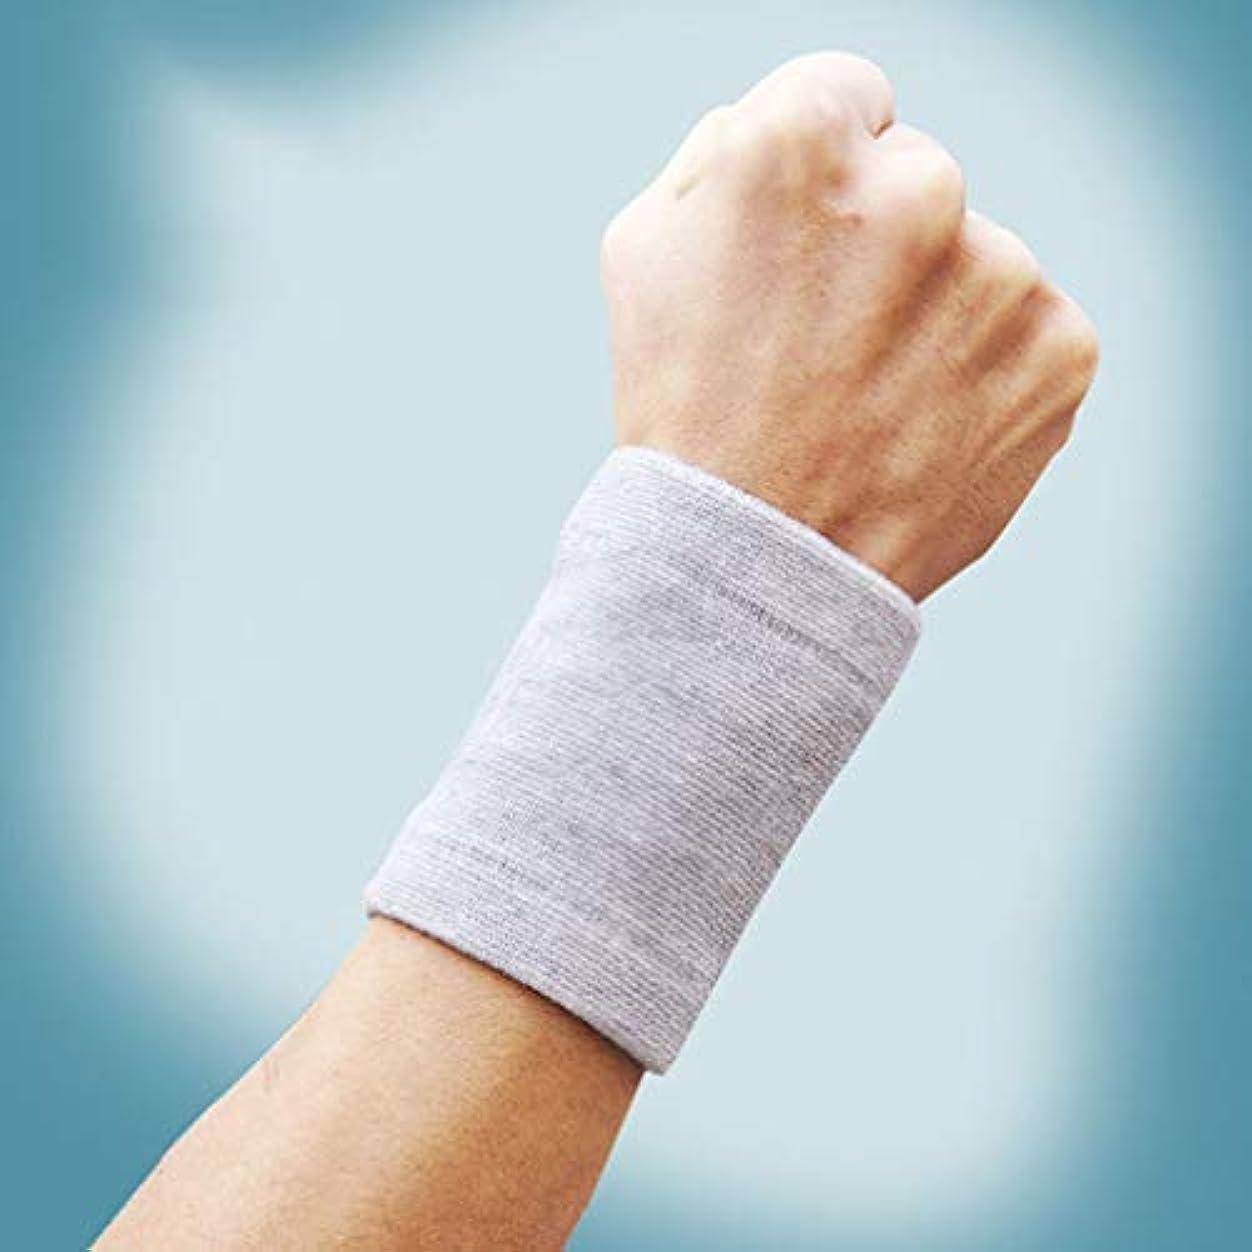 プリーツ利点ますます2個の耐摩耗性のある作業製造保護スポーツ手首スリーブ手袋-innovationo